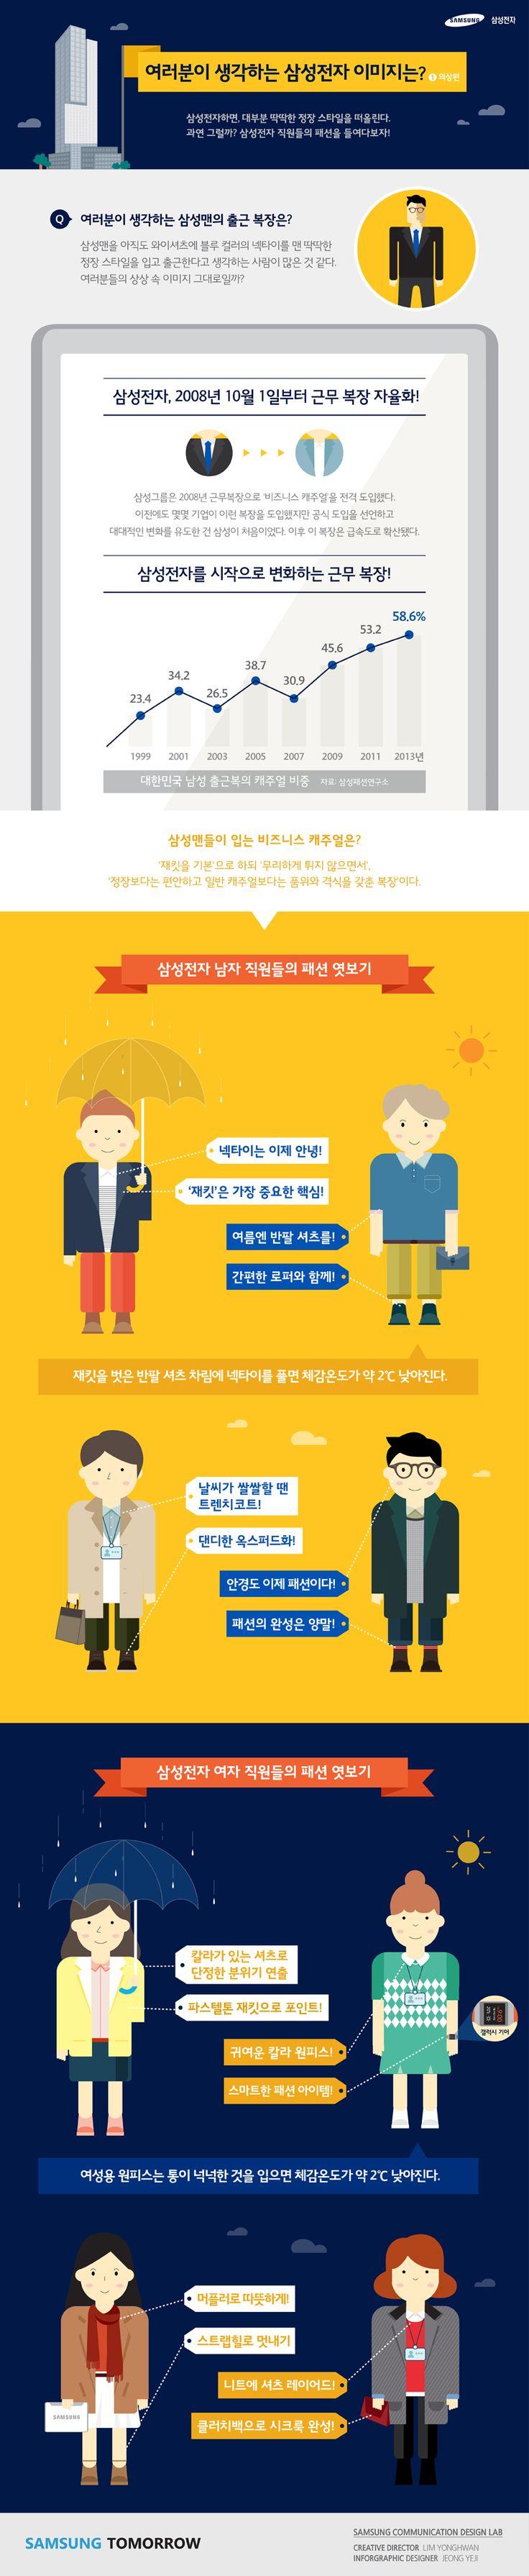 보수적인 대한민국에서 파격적으로 회사 근무 복장을 비지니스 캐주얼로 변경한 삼성의 복장을 소개하는 인포그래픽.